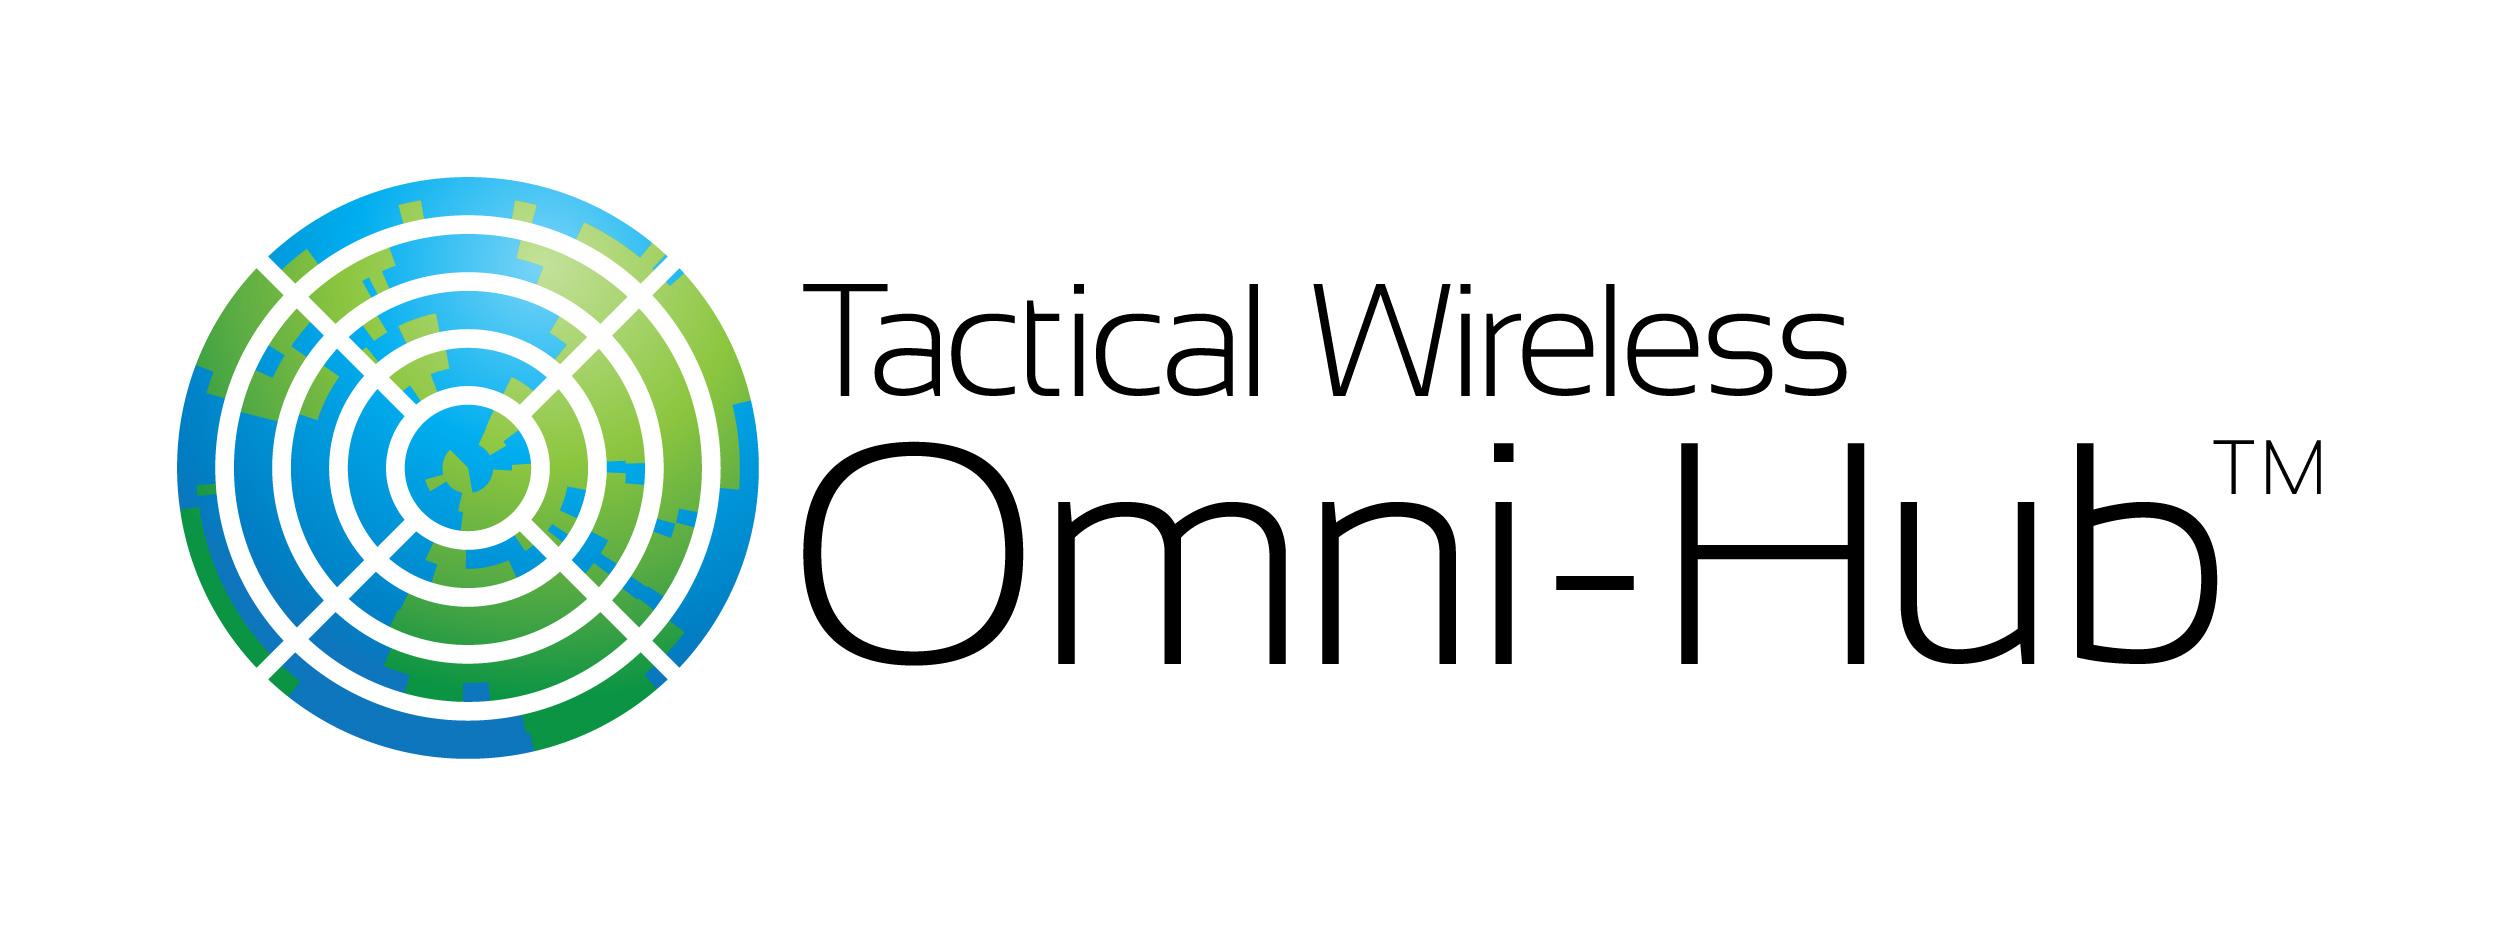 TW logo - Defence Online